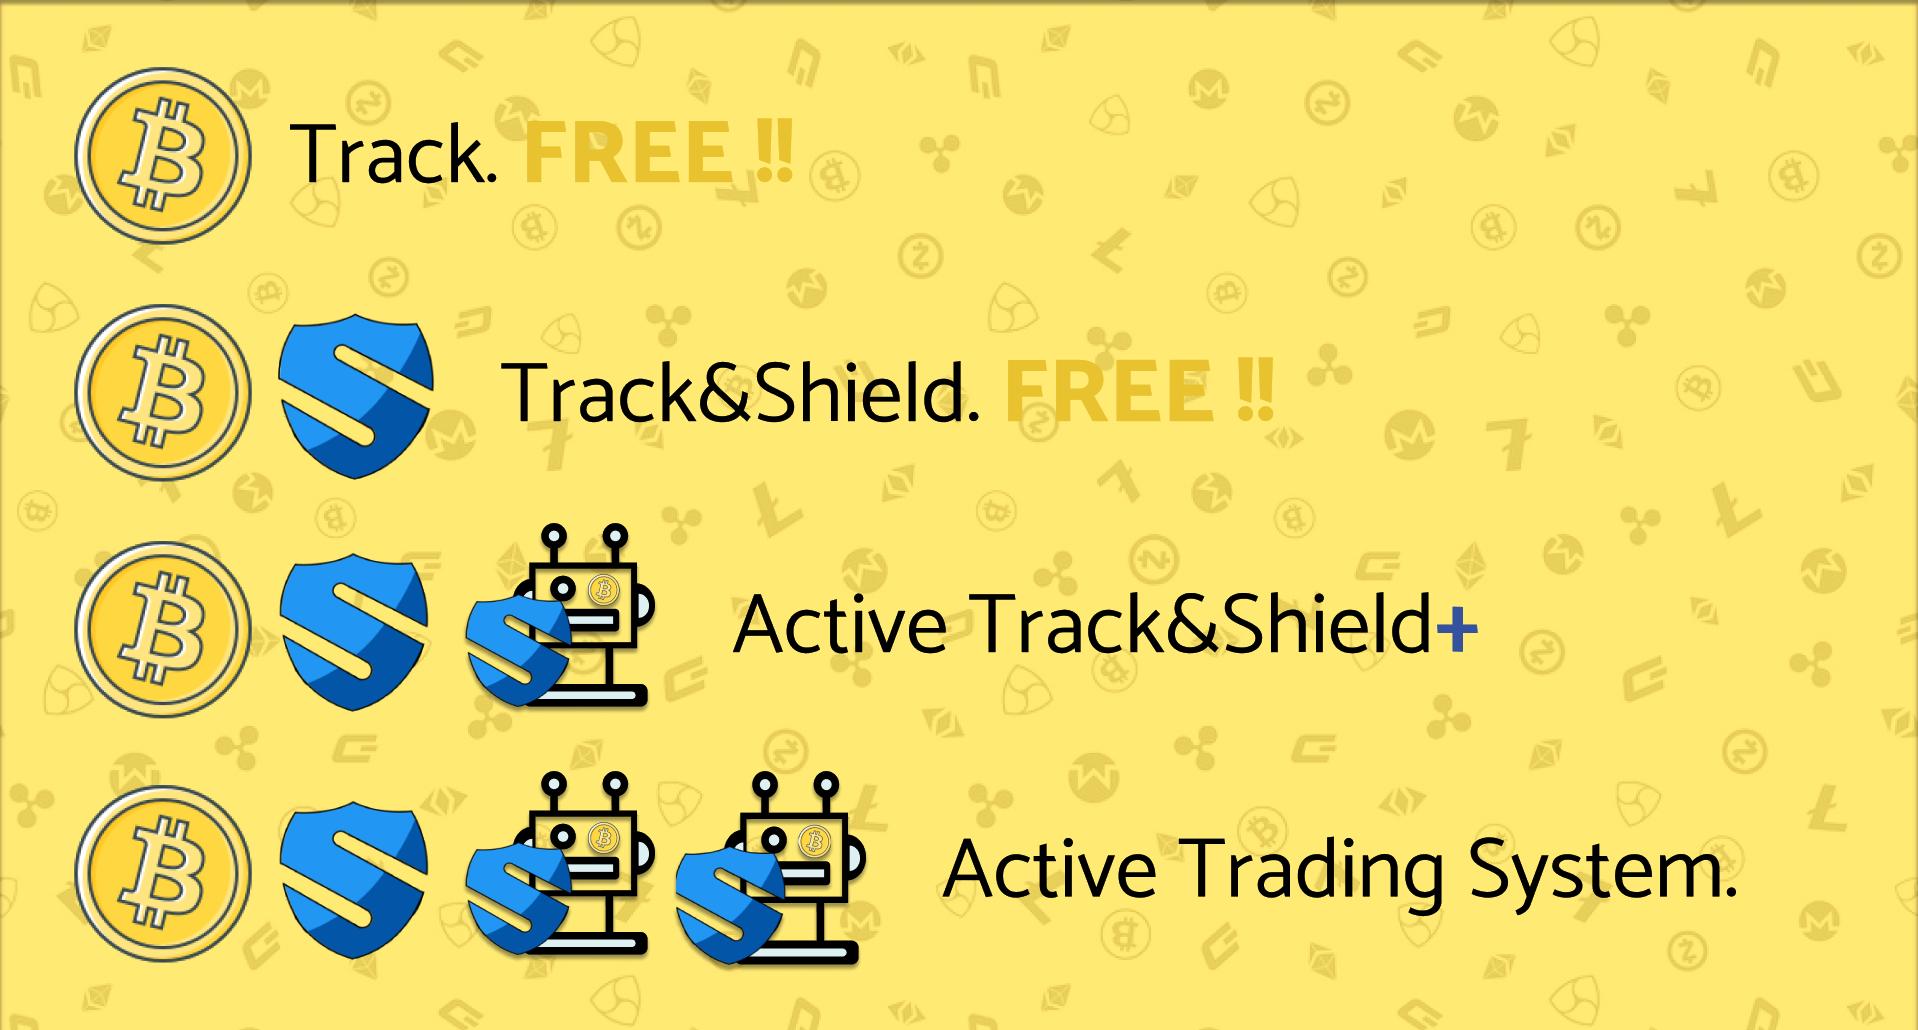 ShieldTrade do for you